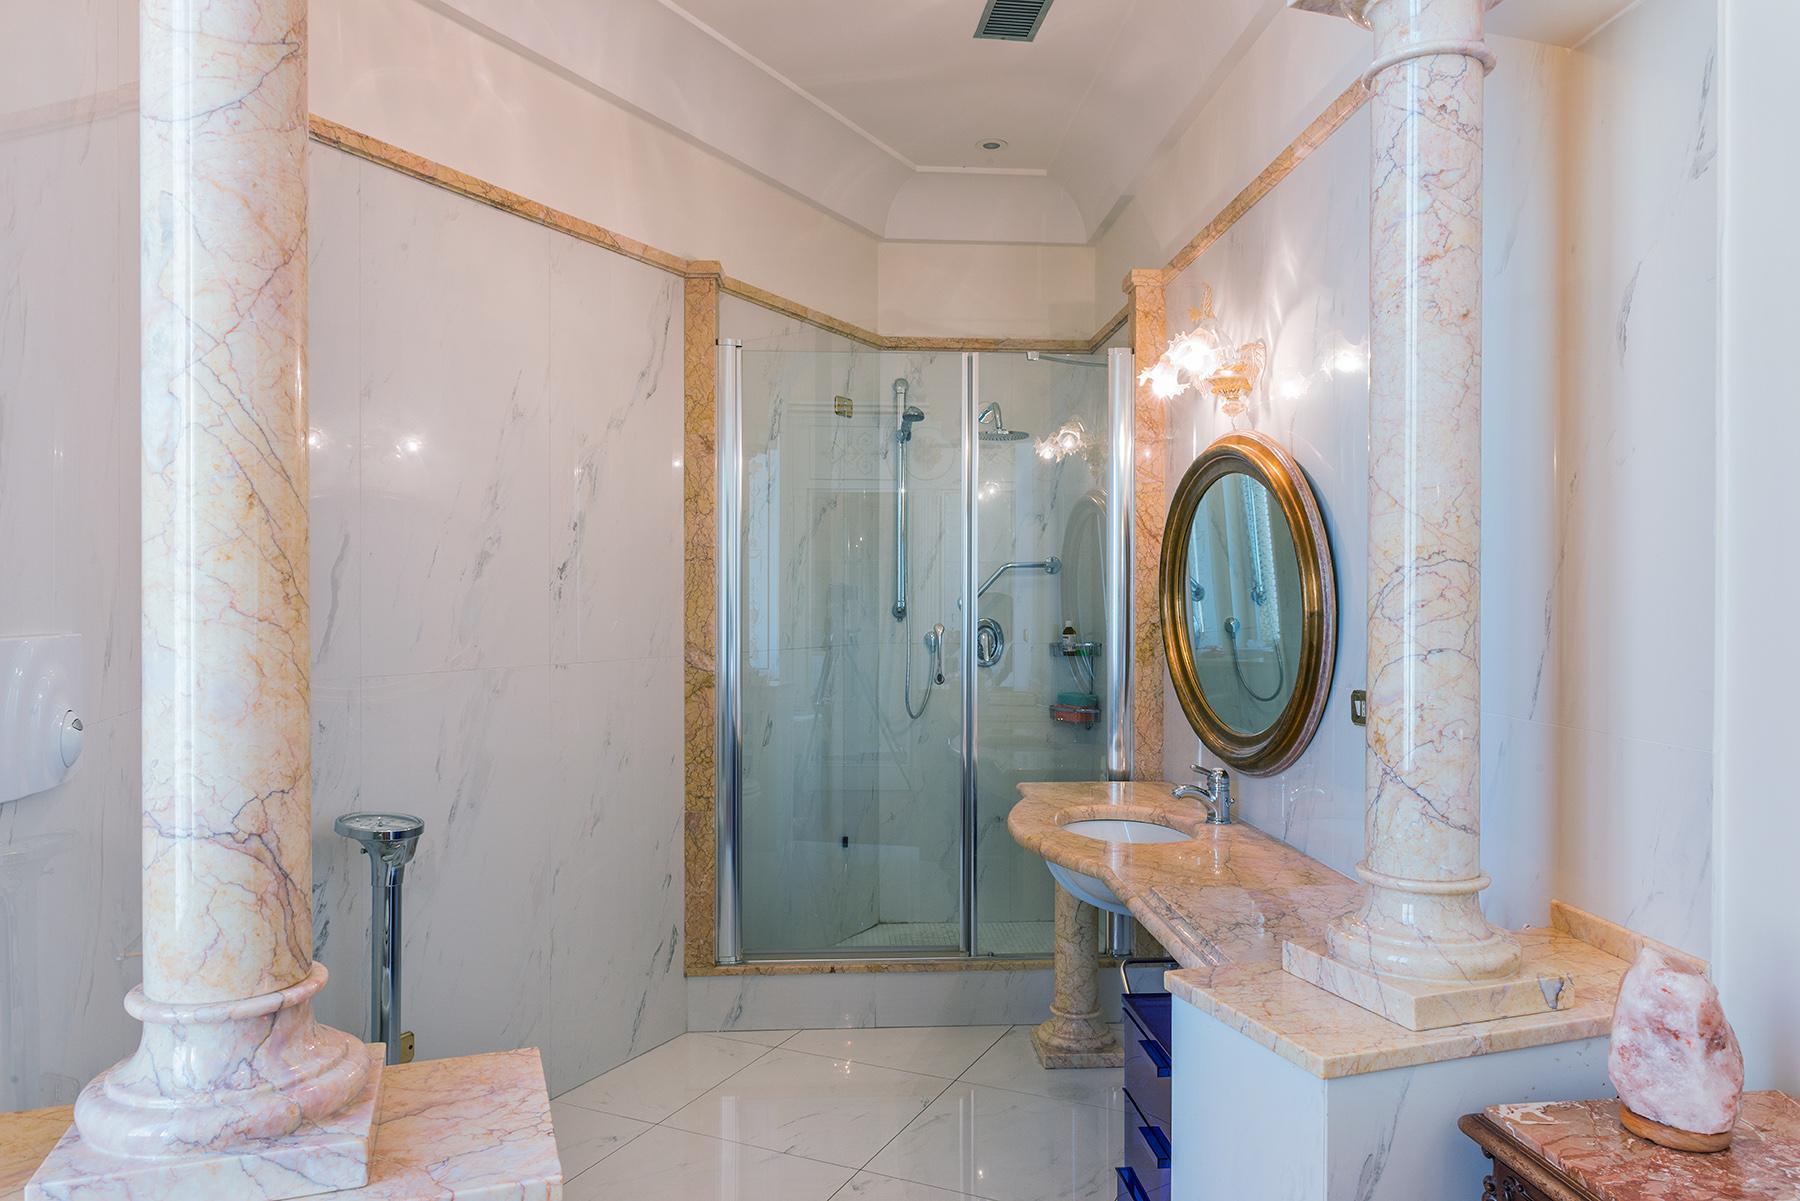 古典风格的奢华公寓 - 11